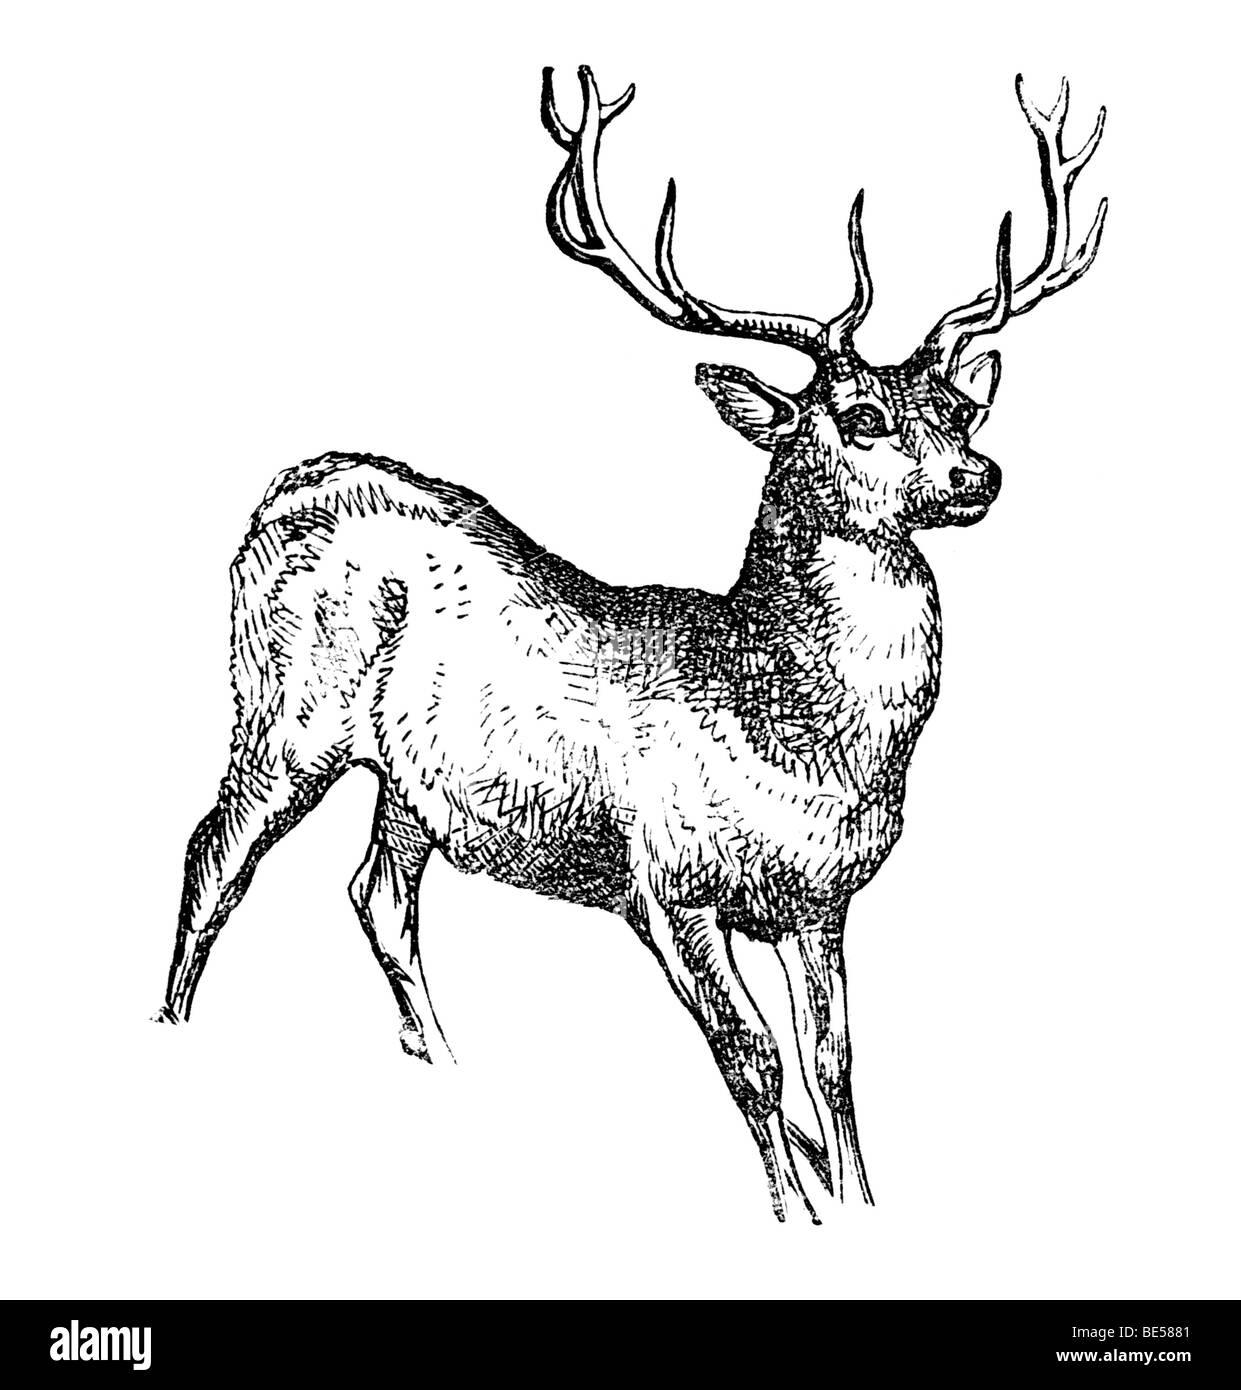 Buck, historical illustration from: Marie Adenfeller, Friedrich Werner: Illustriertes Koch- und Haushaltungsbuch, - Stock Image